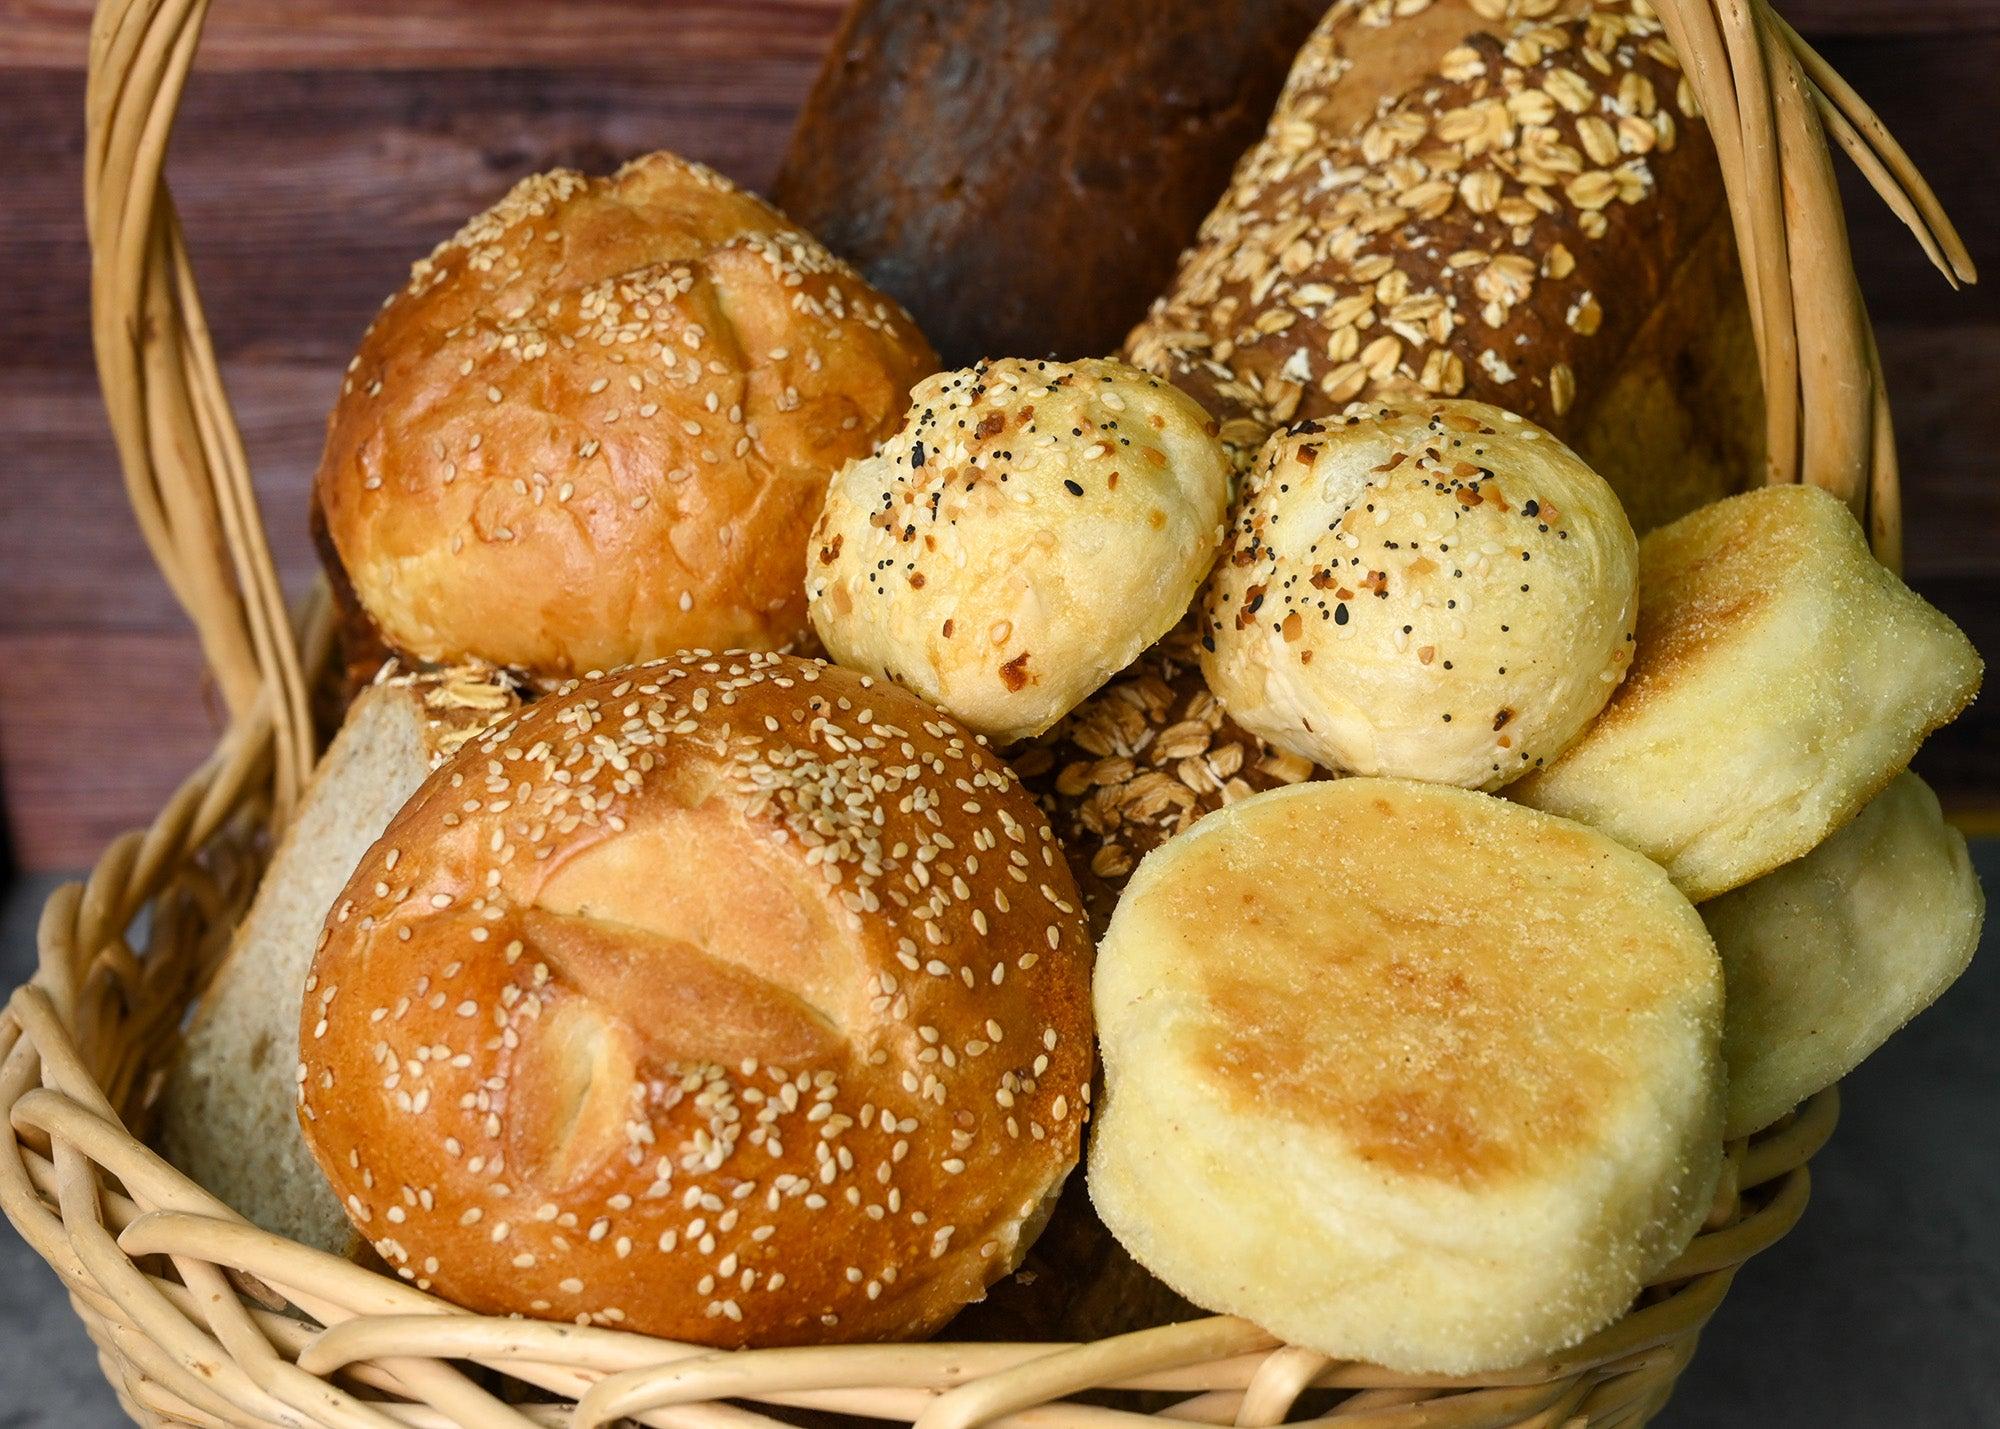 Baked goods at Flourhouse Bakery